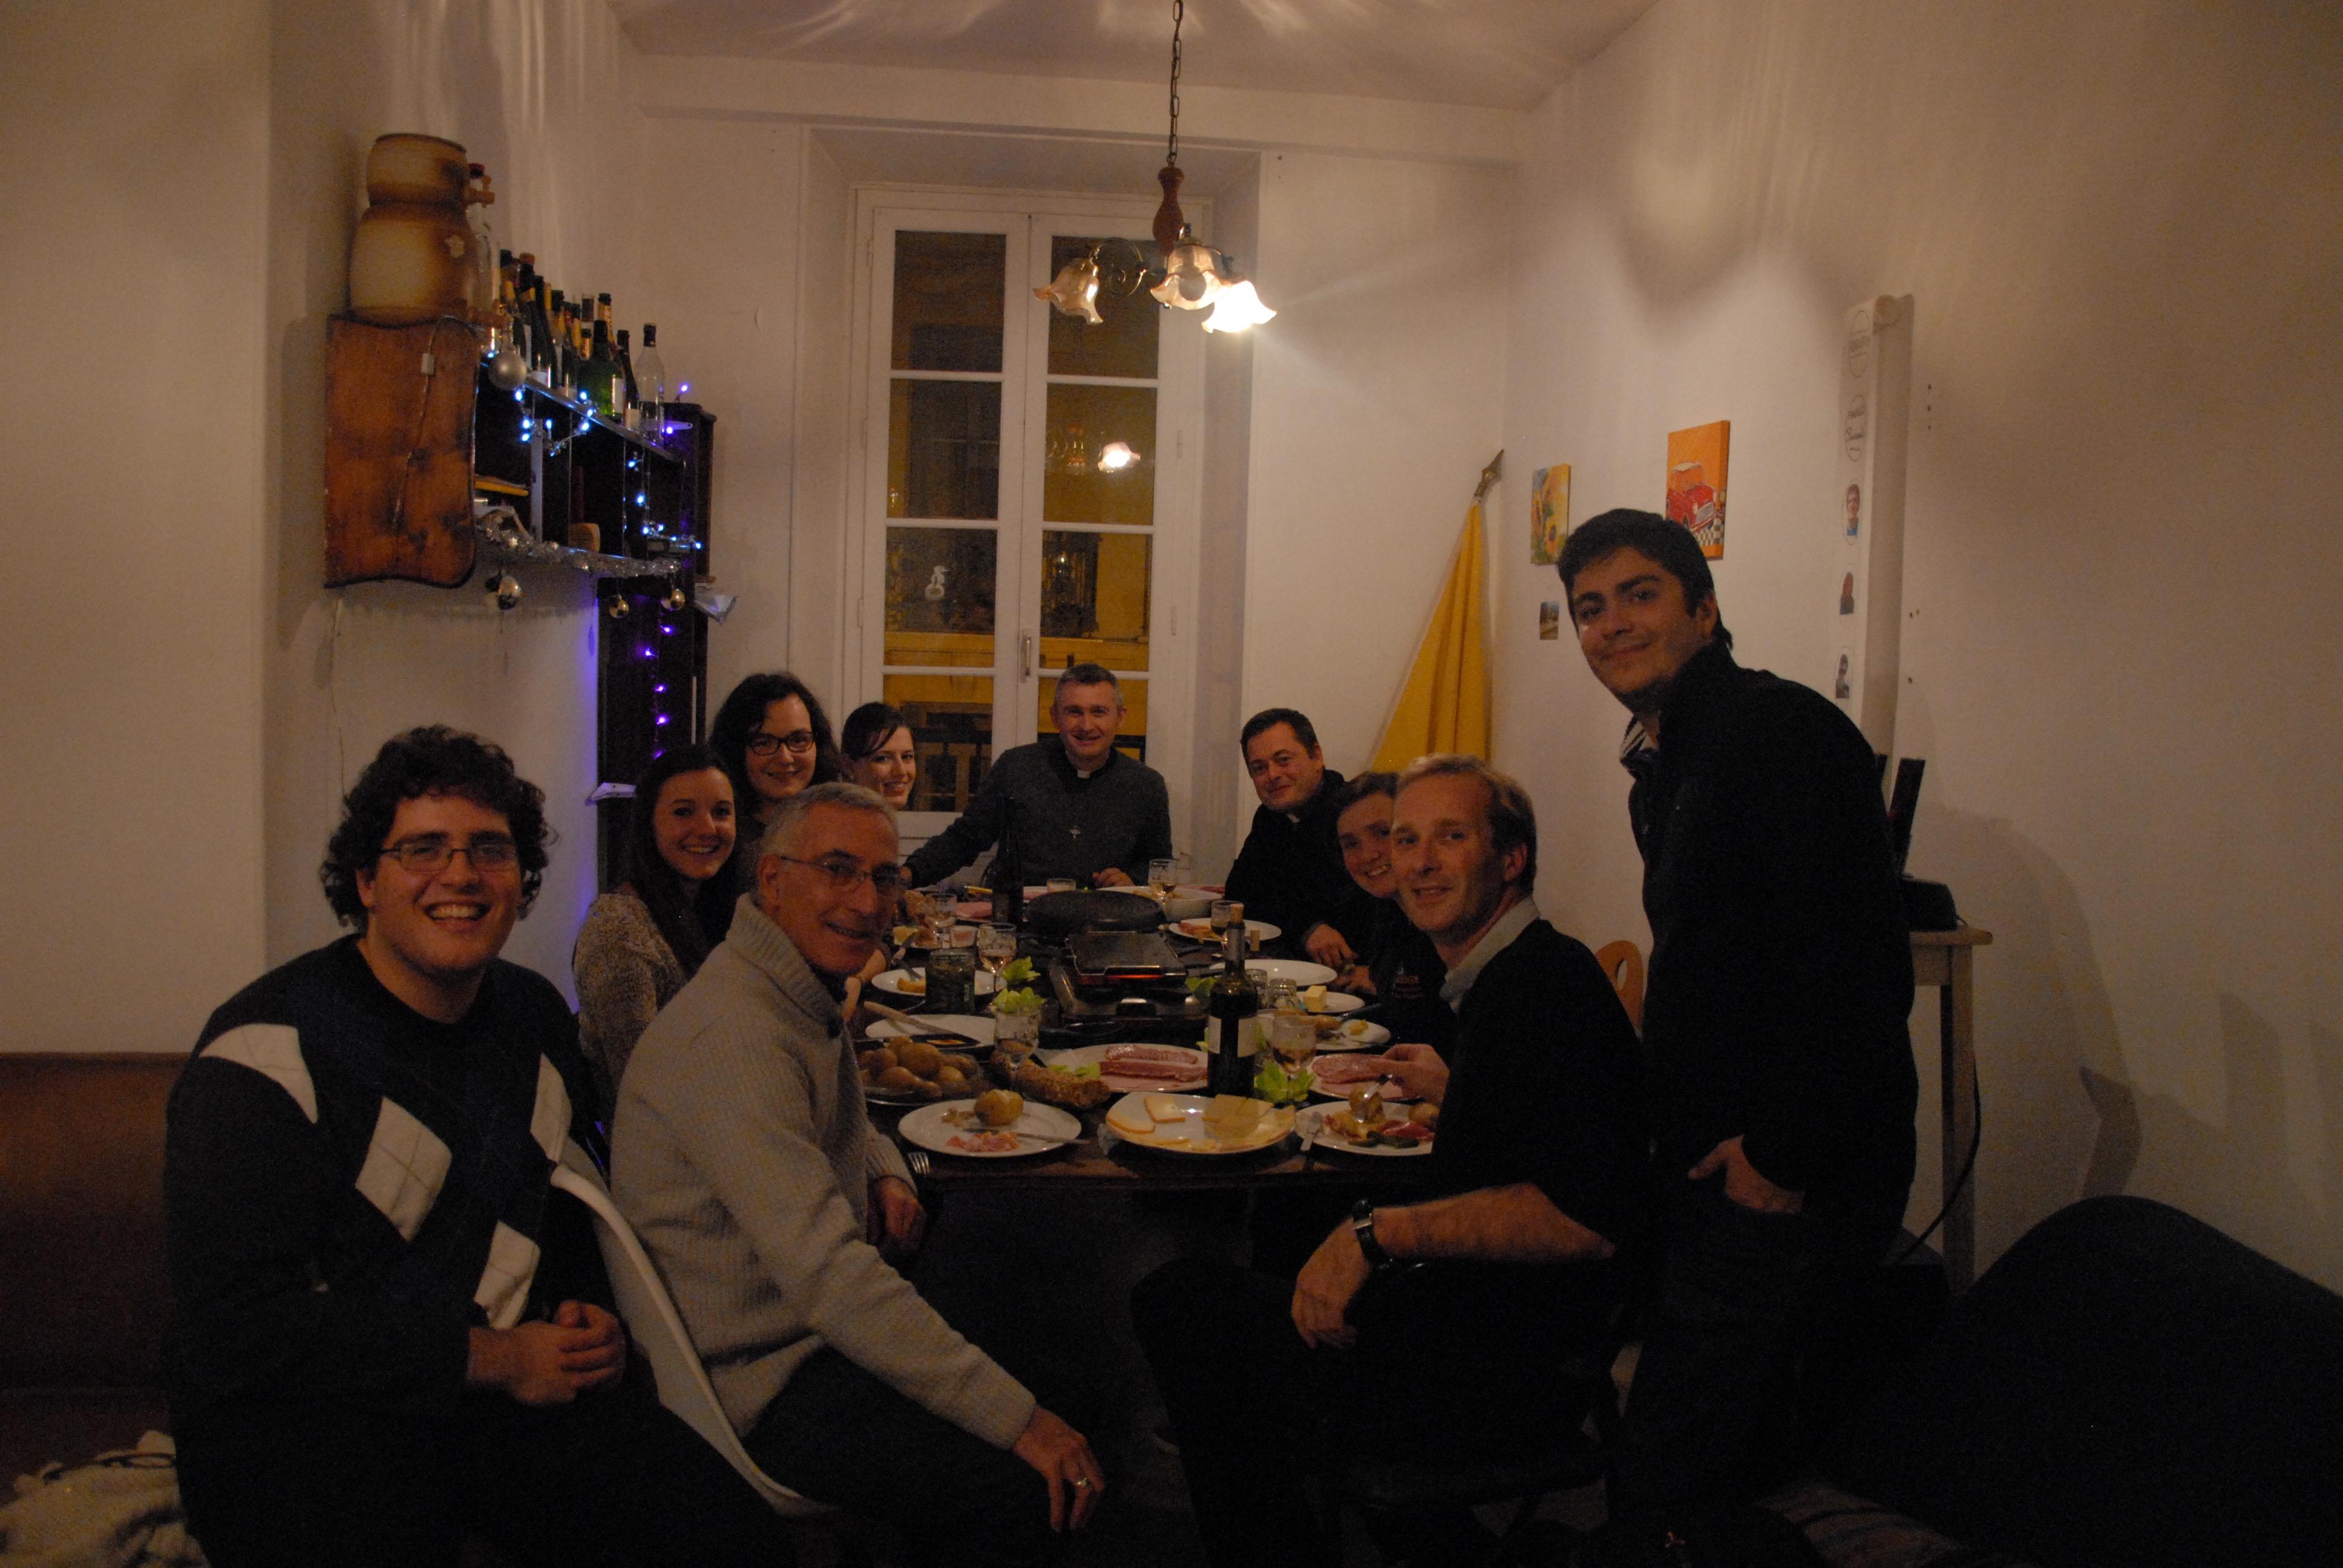 Chaque jeudi soir, la communauté dine avec les prêtres autour d'un texte de l'Évangile. © Baptiste Berard